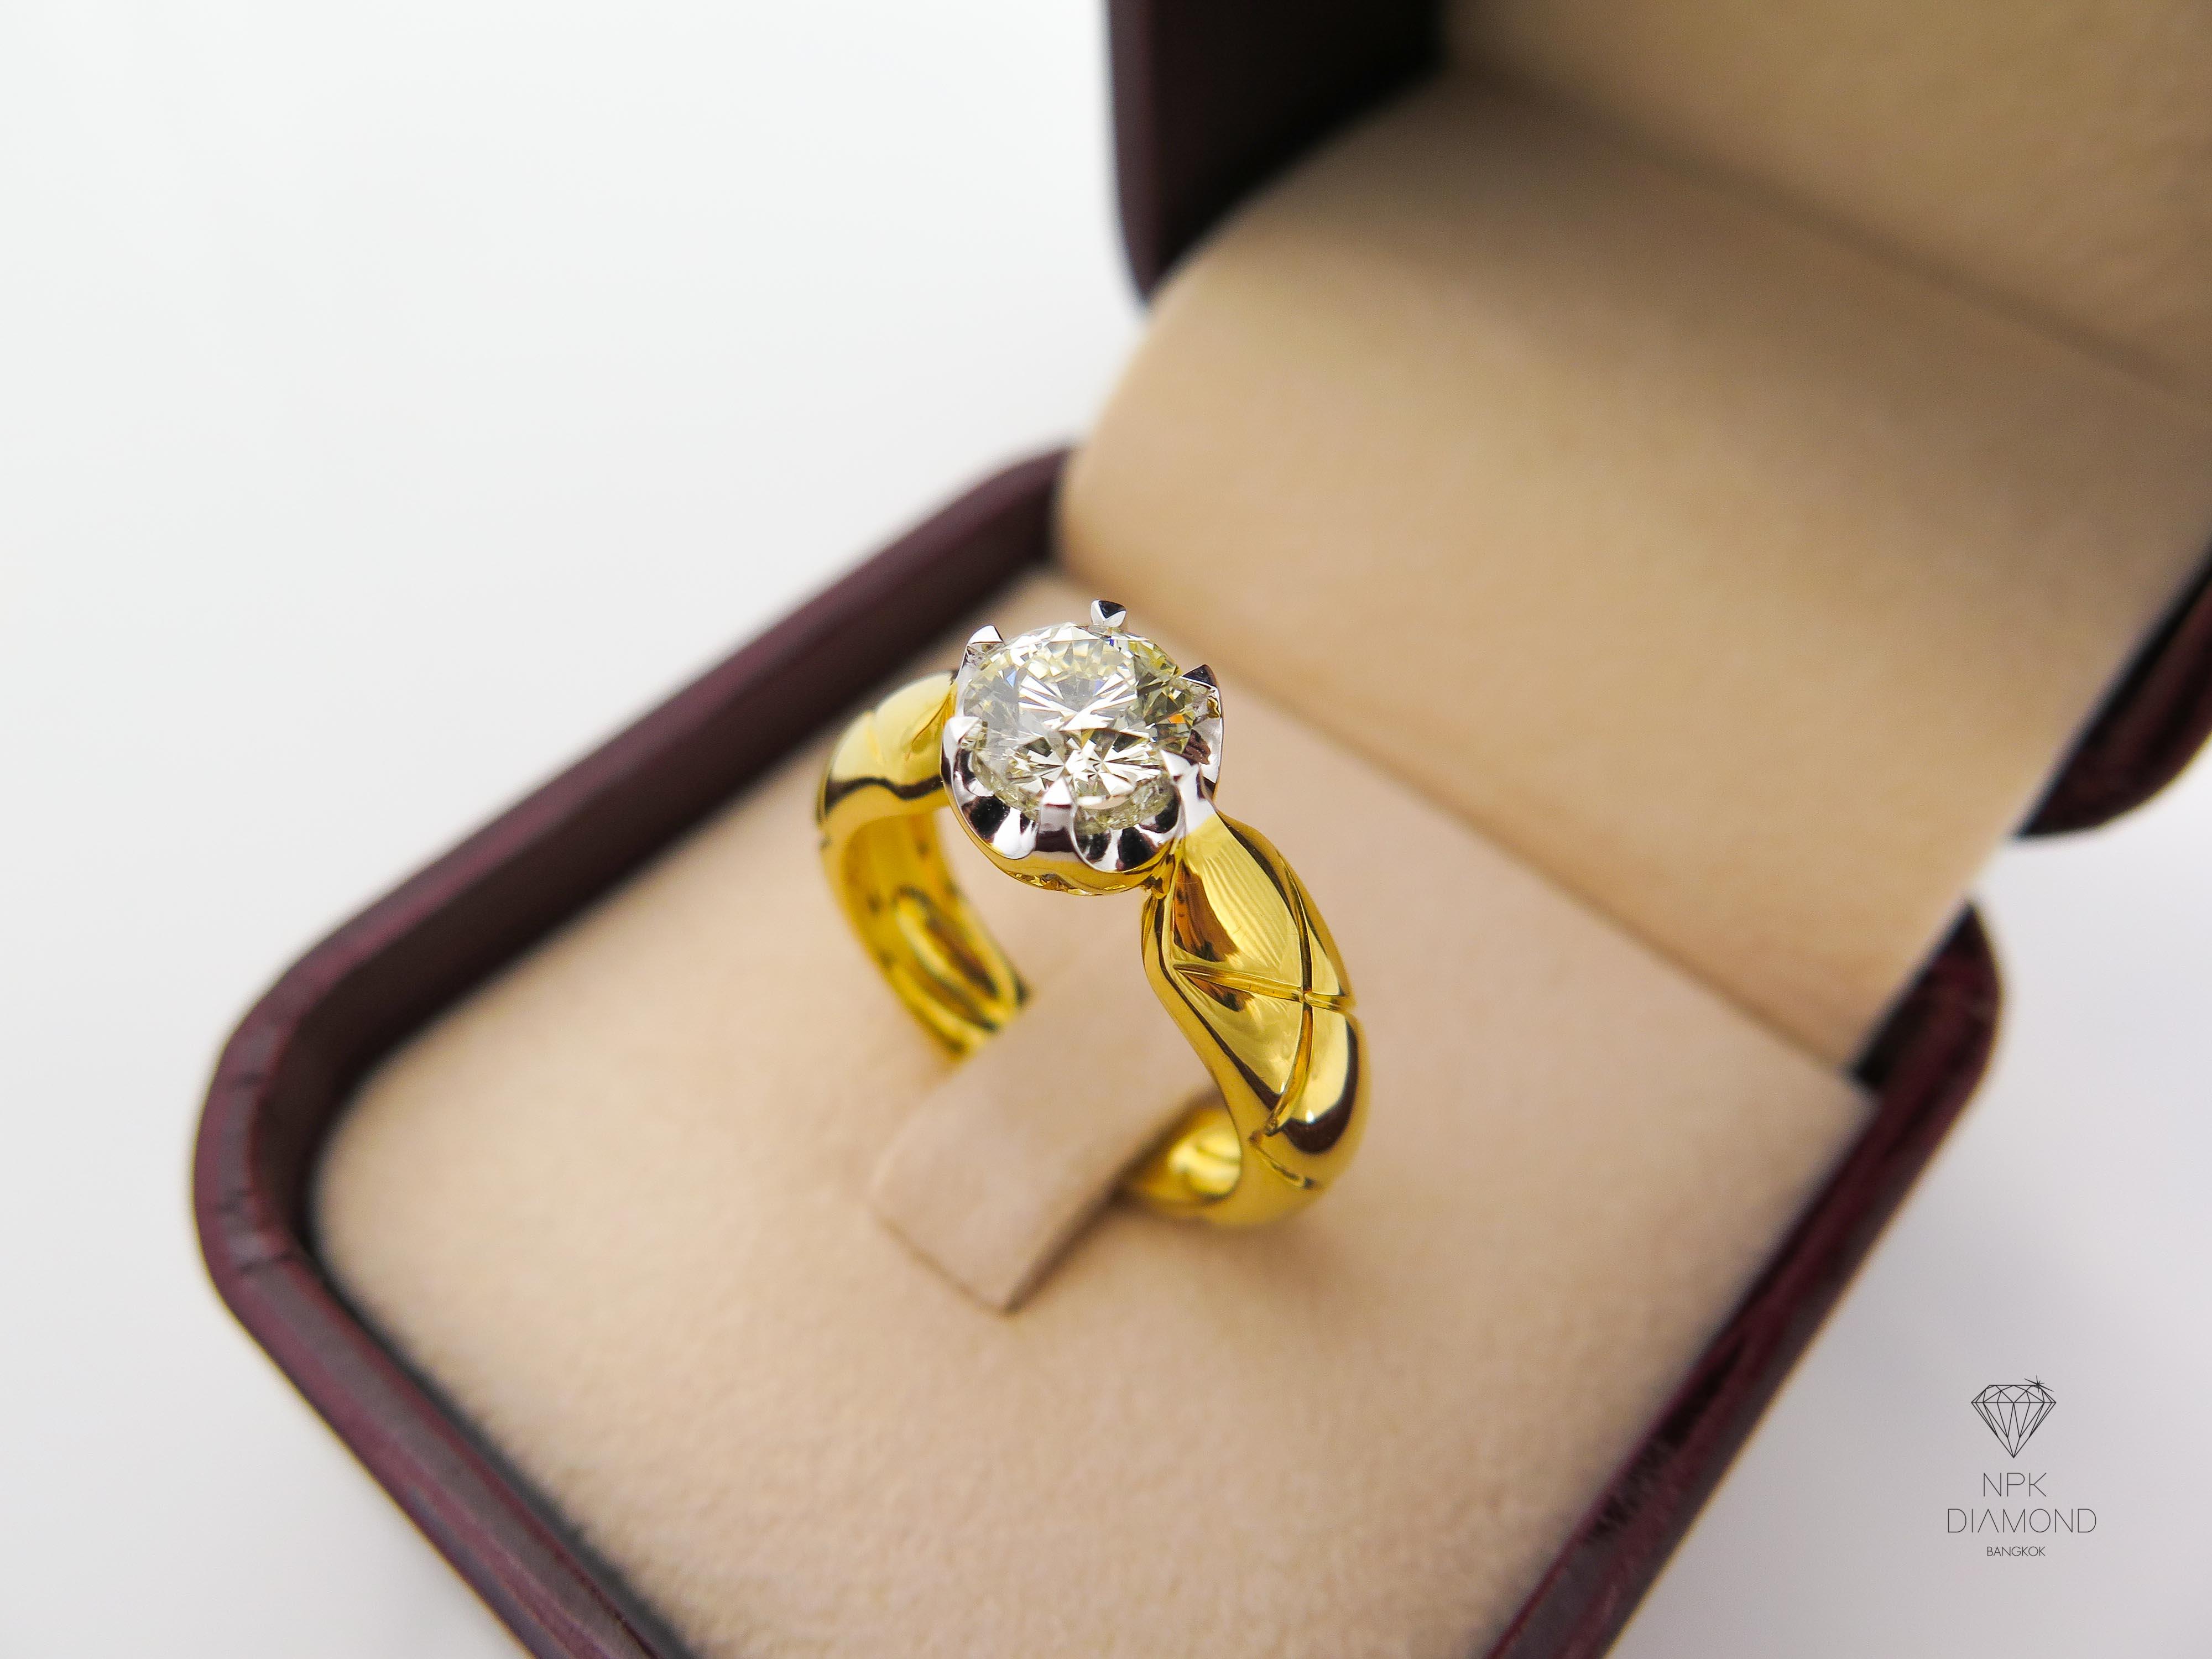 แหวนเพชรชู 1.01 กะรัต